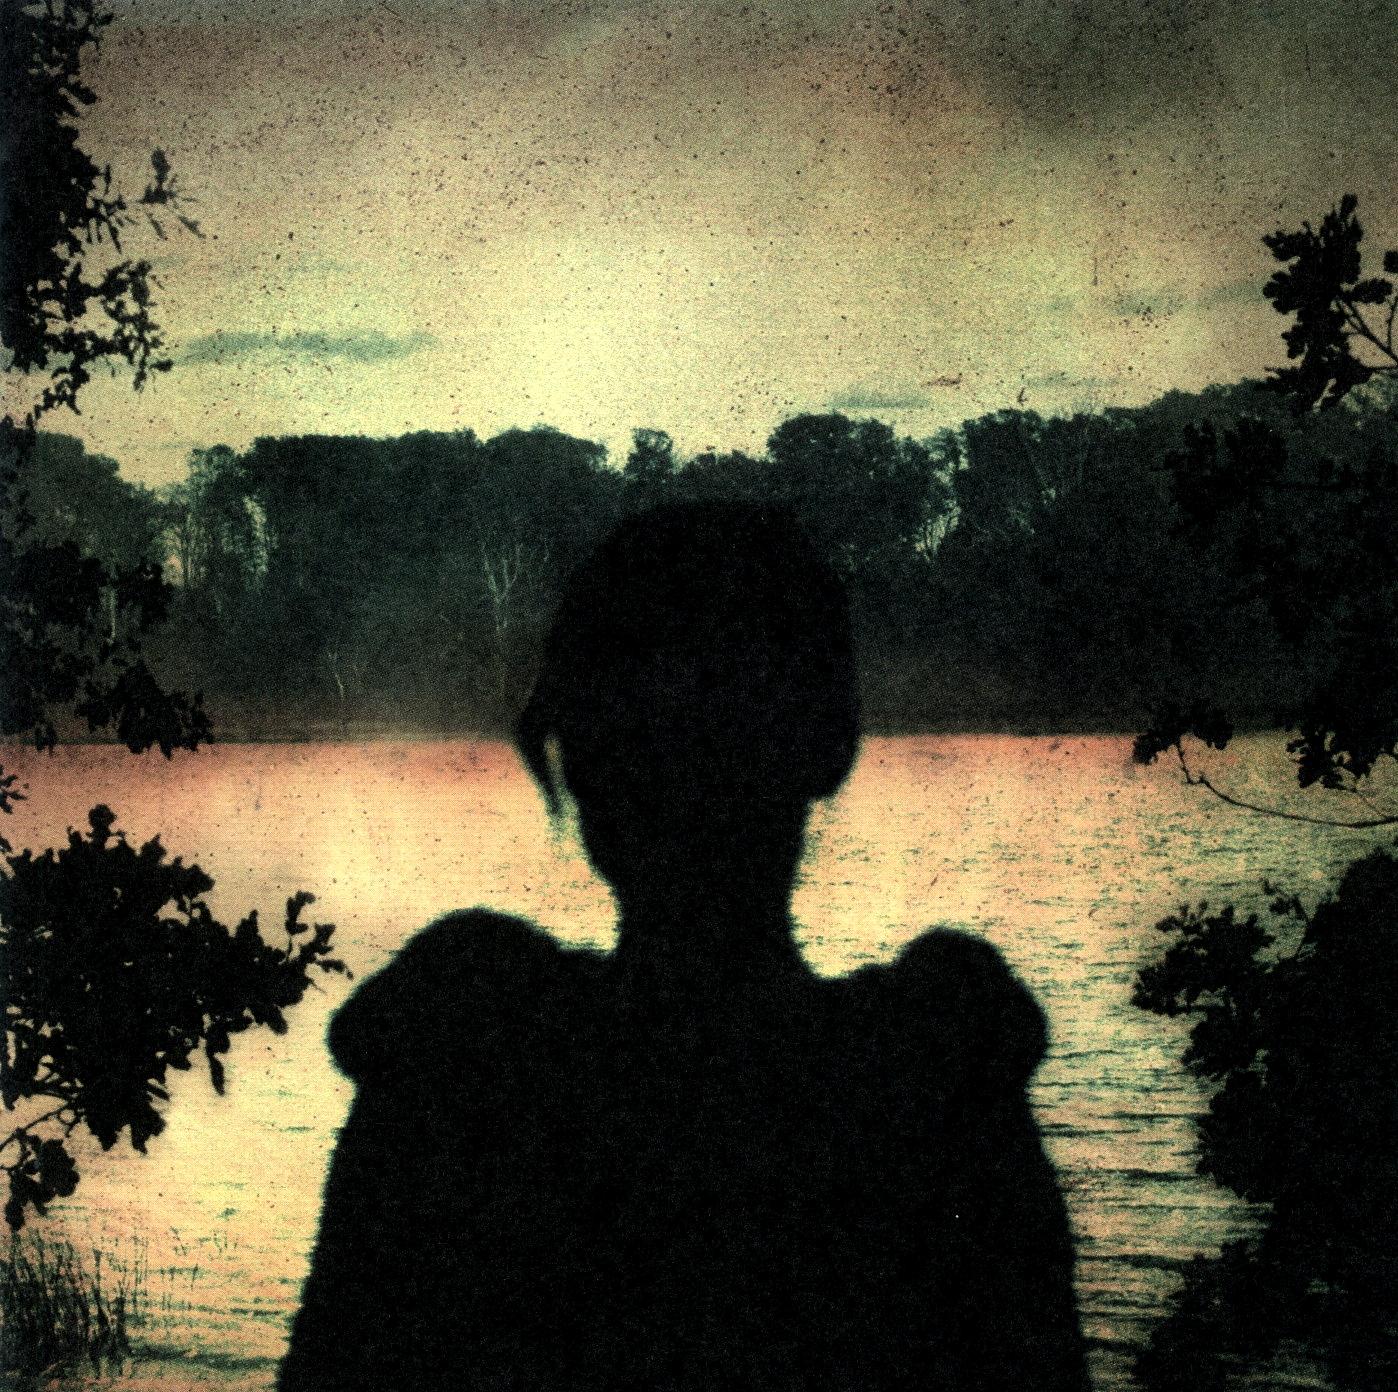 http://1.bp.blogspot.com/-J7IV2rcYFbY/TgyfLzHhPYI/AAAAAAAAAMI/BhqaFfnjVN8/s1600/Porcupine+Tree+-+Deadwing.jpg